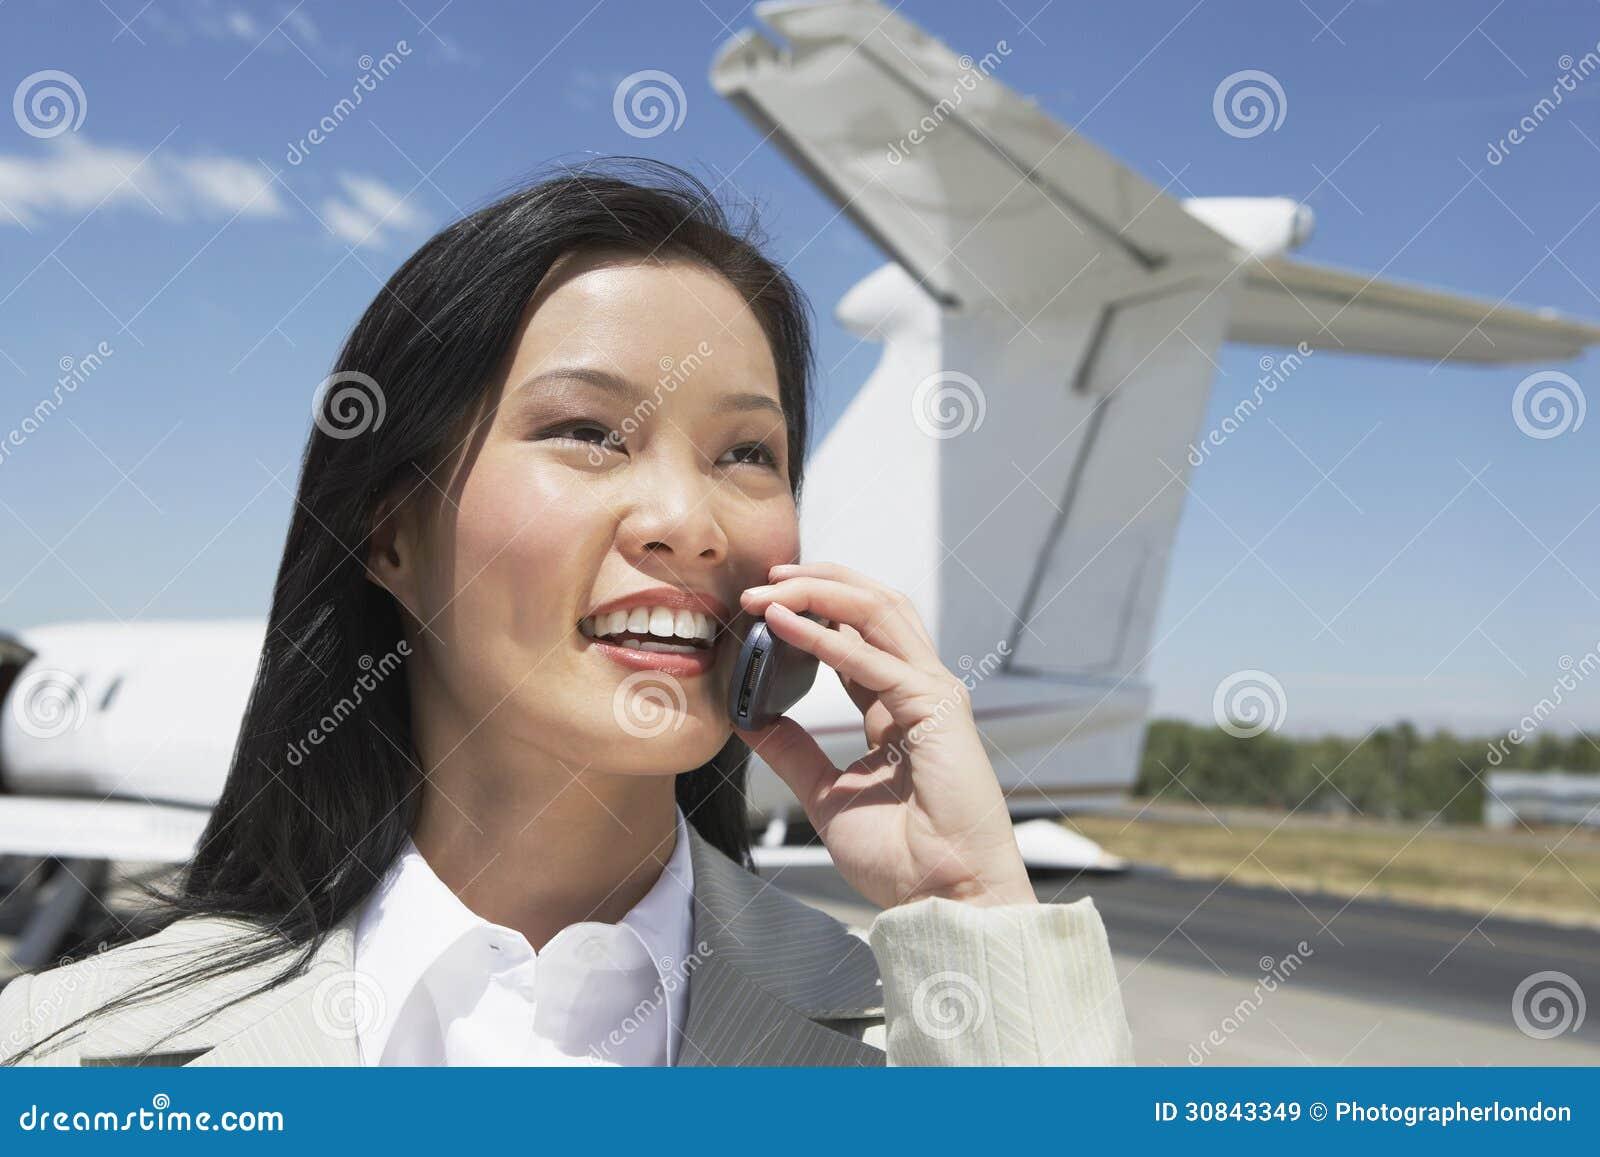 Aeroplano de Using Cellphone With de la empresaria en fondo